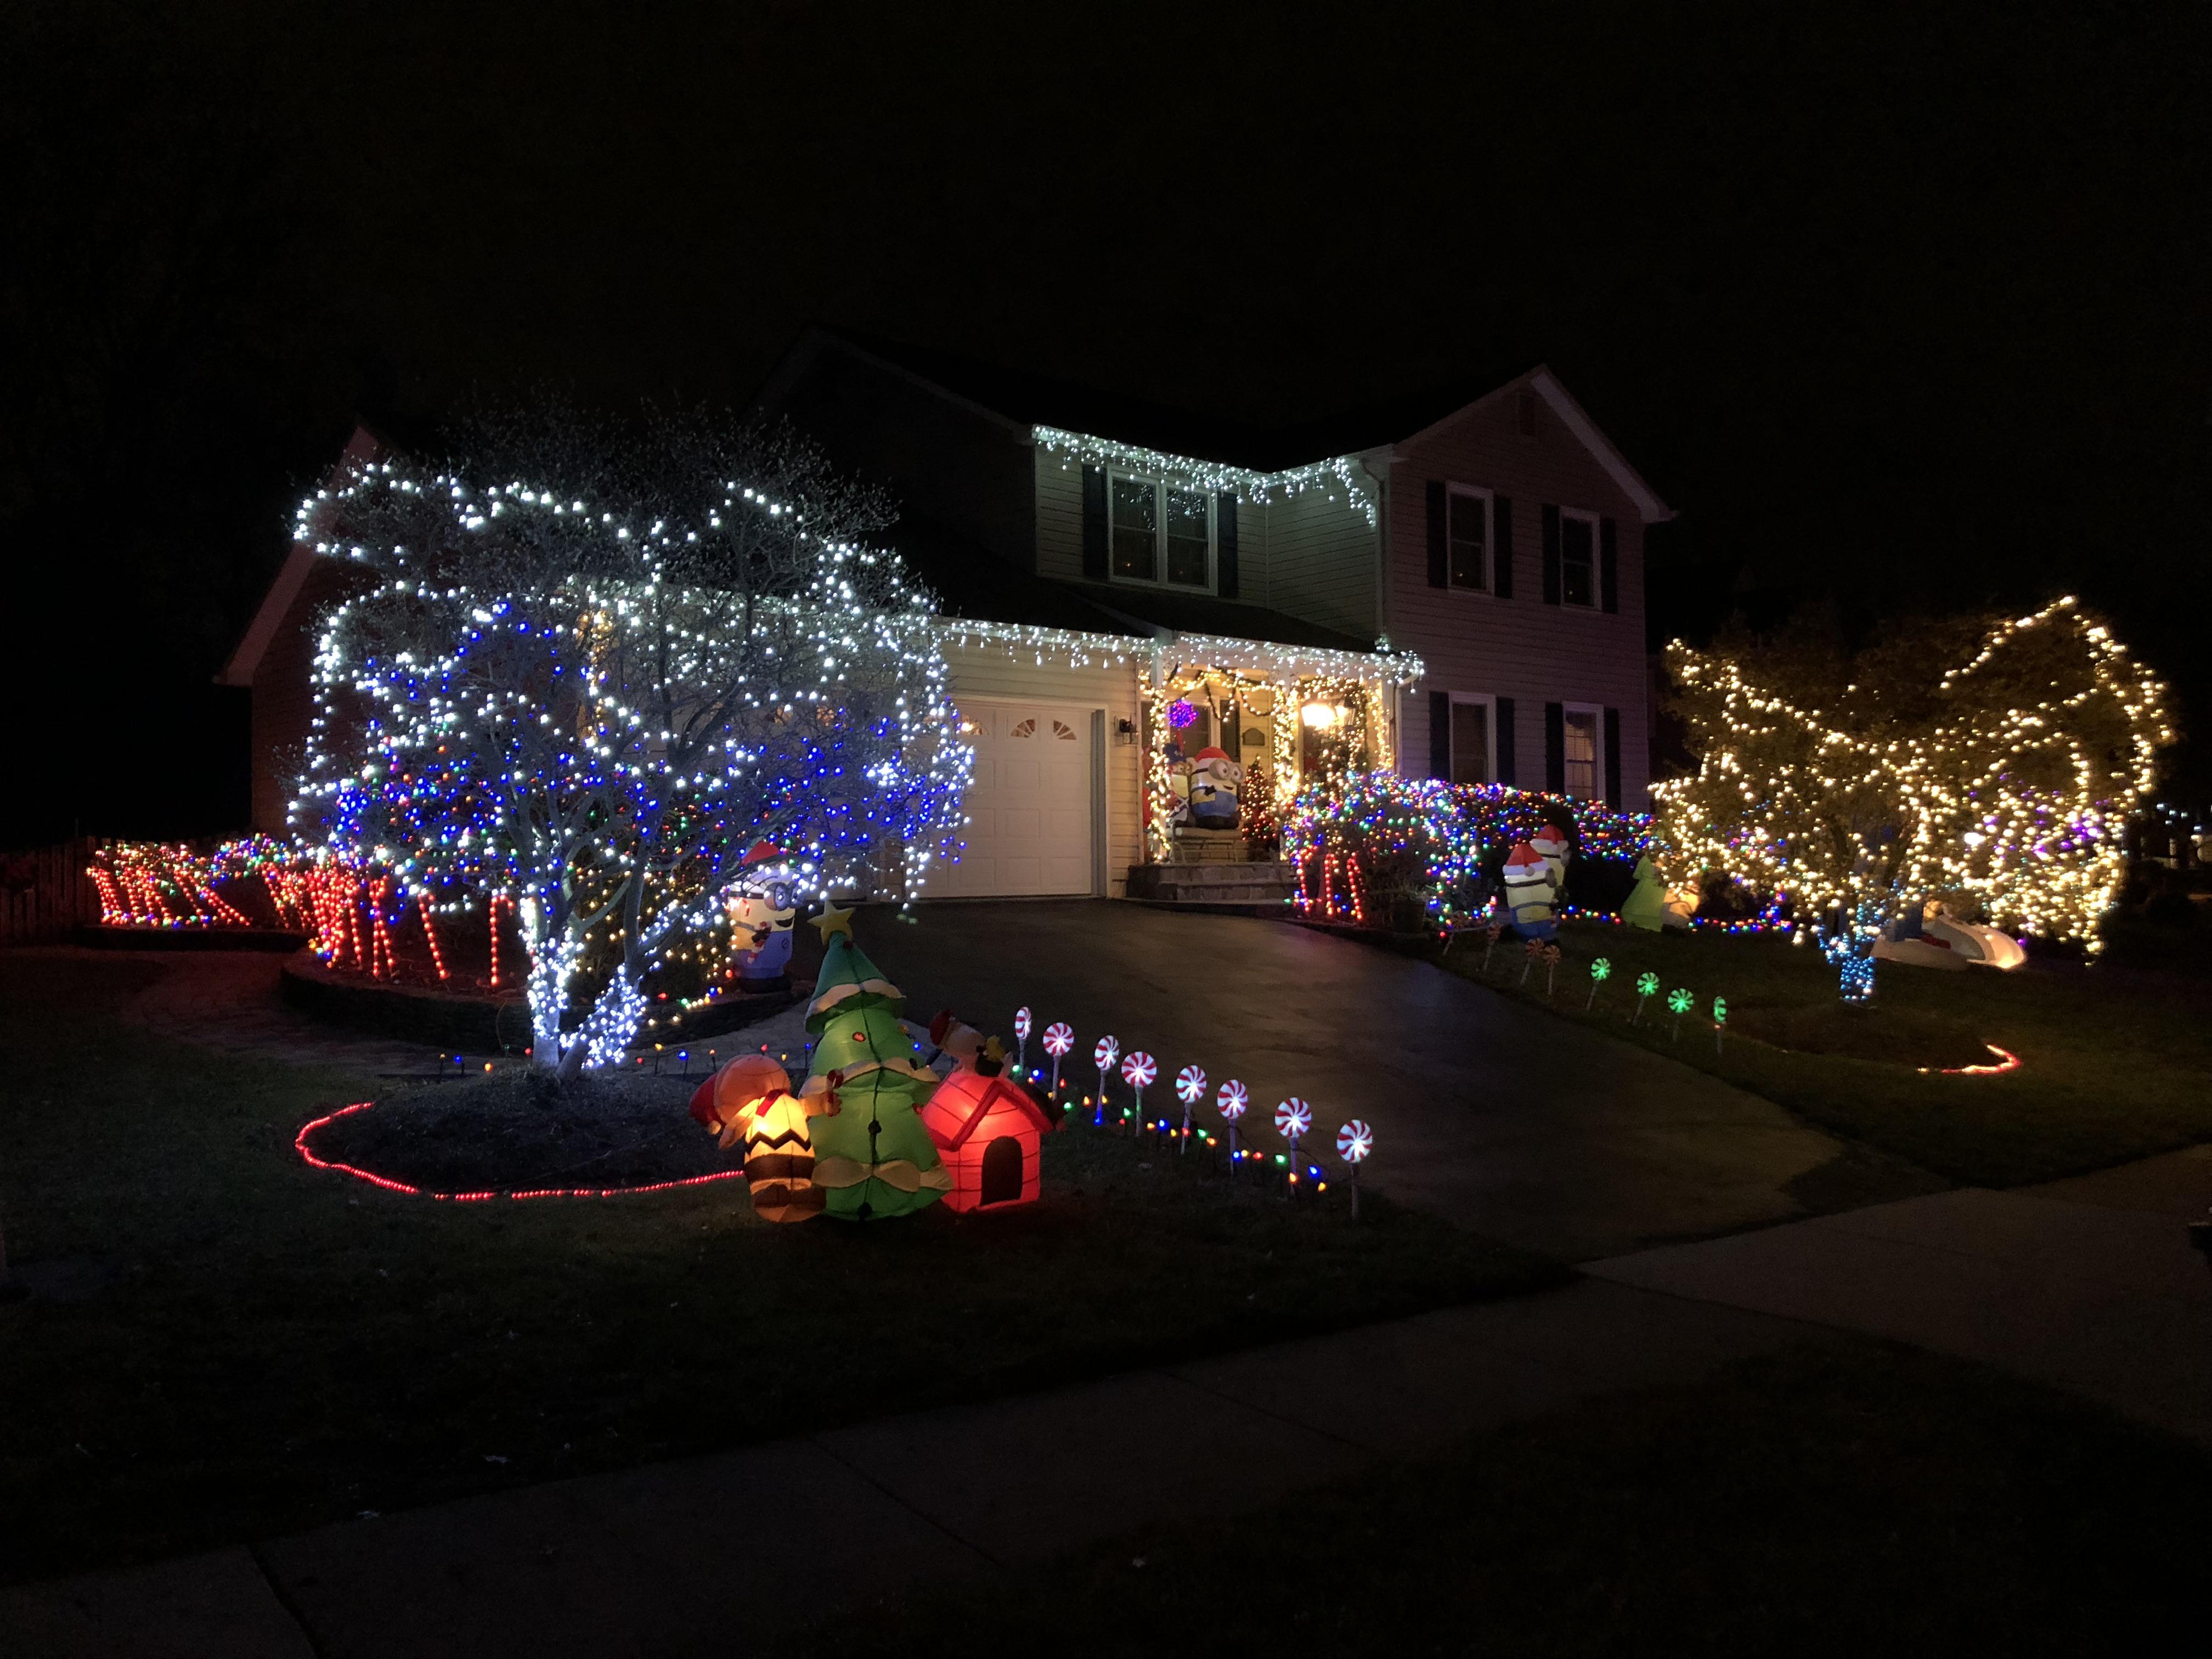 Christmas Lights Near Me 2020 Houses File:2020 01 02 19 27 53 A display of Christmas lights and